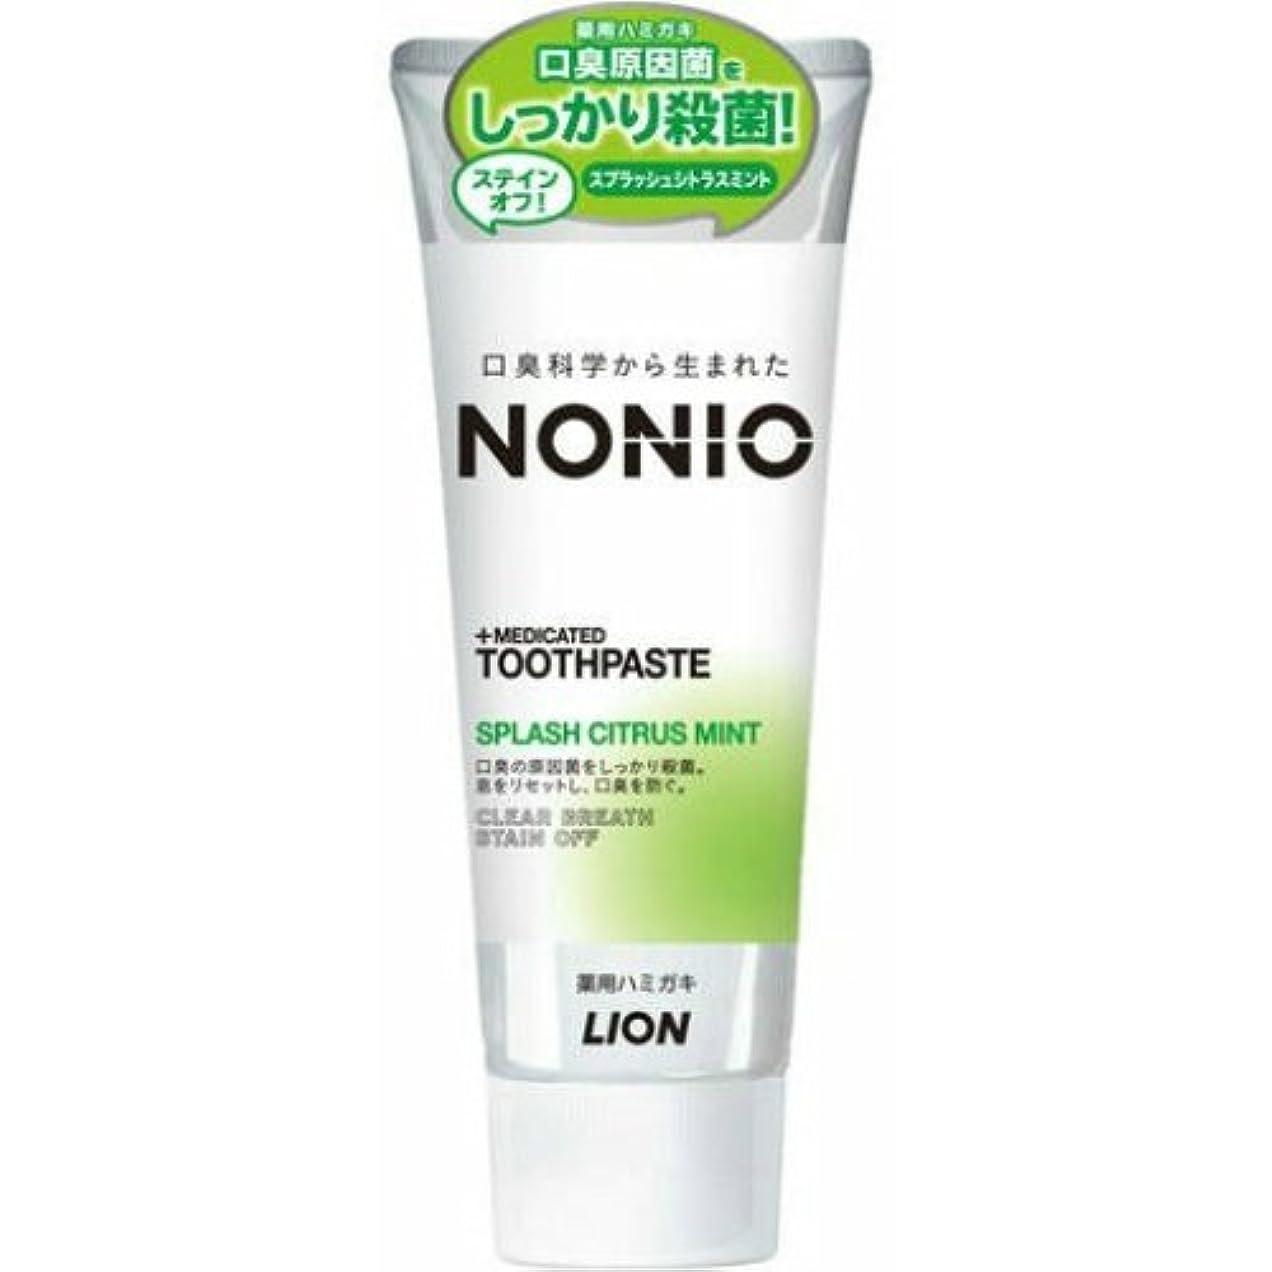 こしょう枯渇化合物LION ライオン ノニオ NONIO 薬用ハミガキ スプラッシュシトラスミント 130g 医薬部外品 ×010点セット(4903301259312)